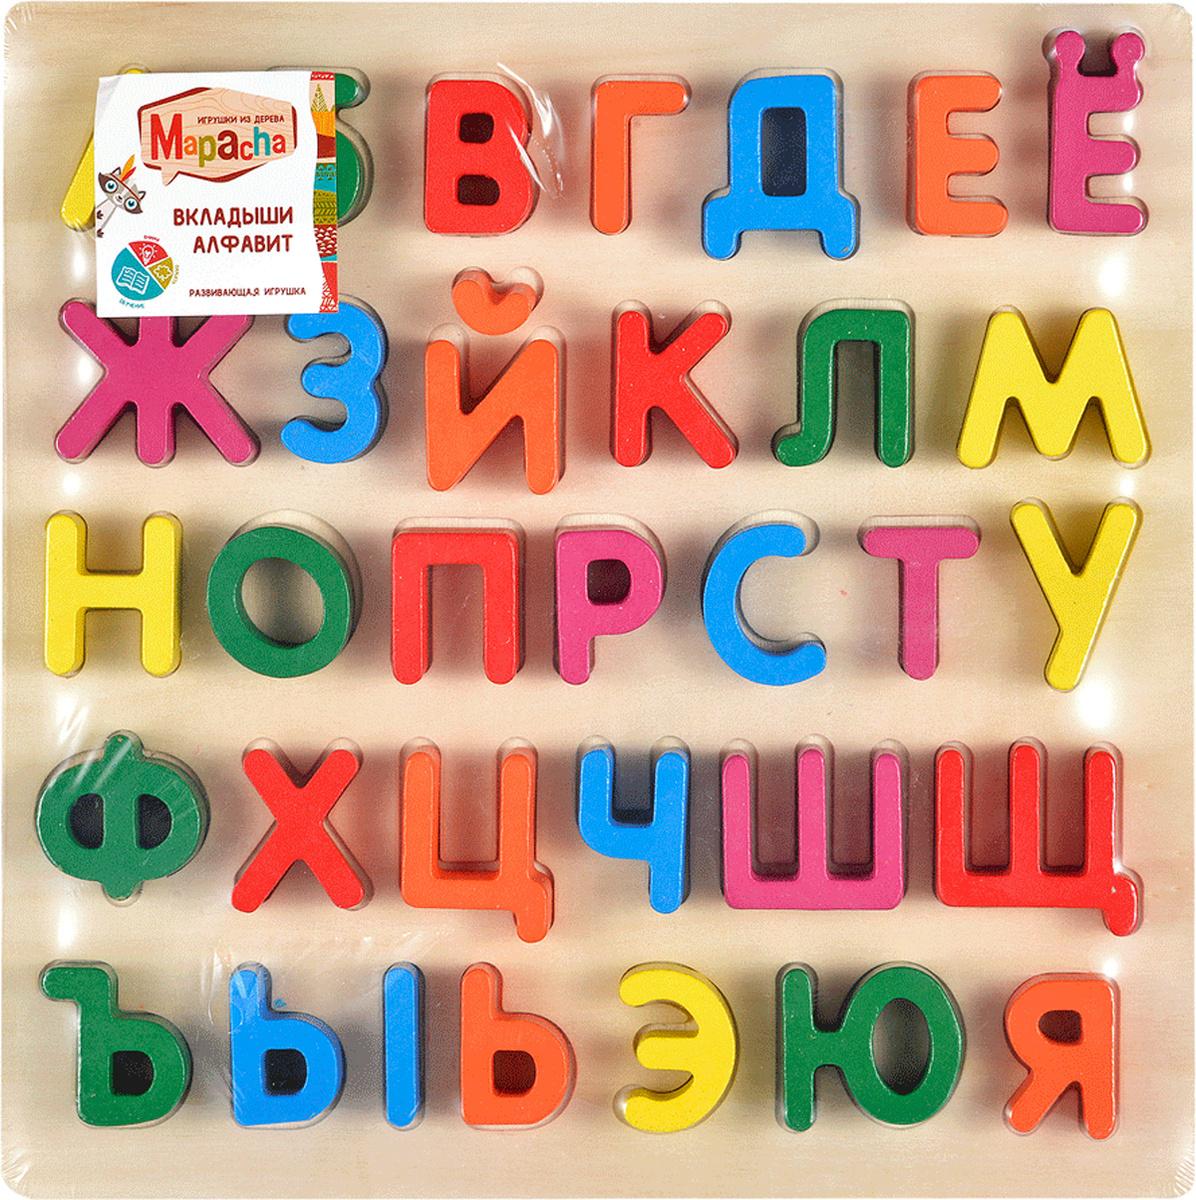 4977479a5 Mapacha Пазл для малышей Вкладыши Алфавит — купить в интернет-магазине OZON  с быстрой доставкой